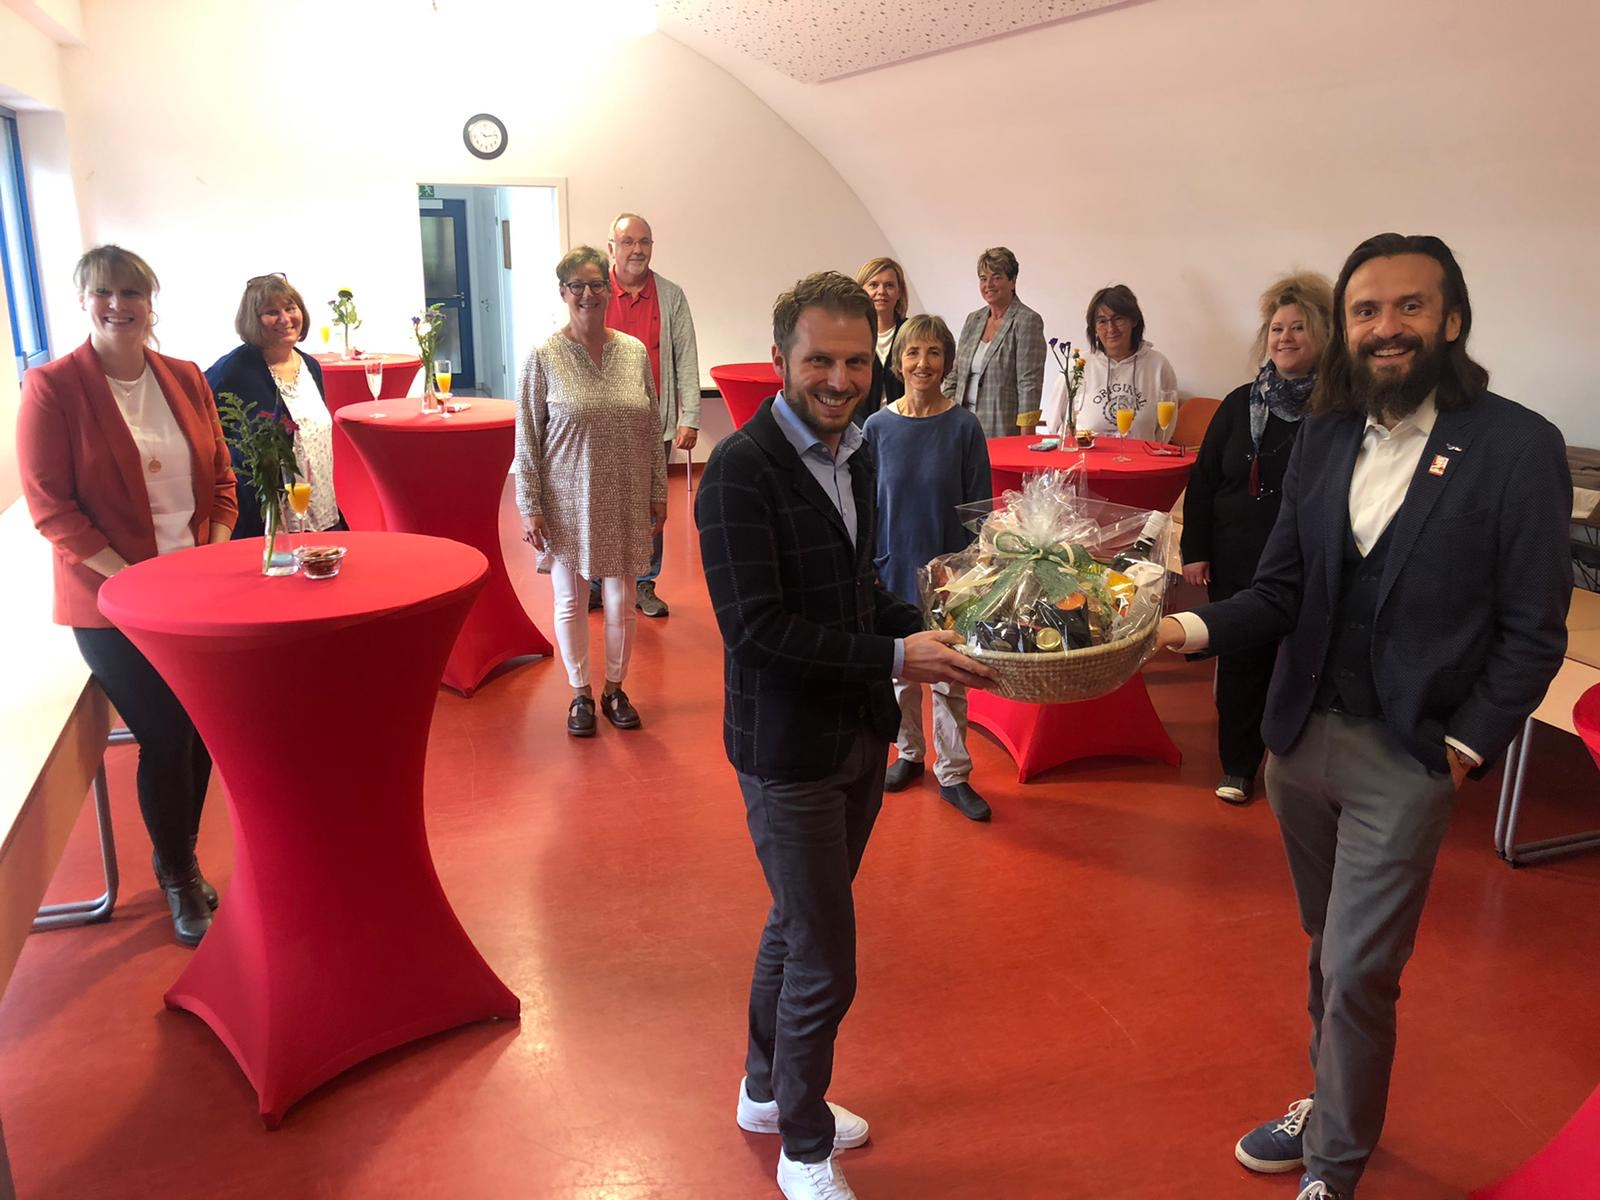 Paul Polyfka (rechts) und Leiter*innen der Kinderhäuser begrüßen Markus Fuchs mit einem Geschenkkorb.